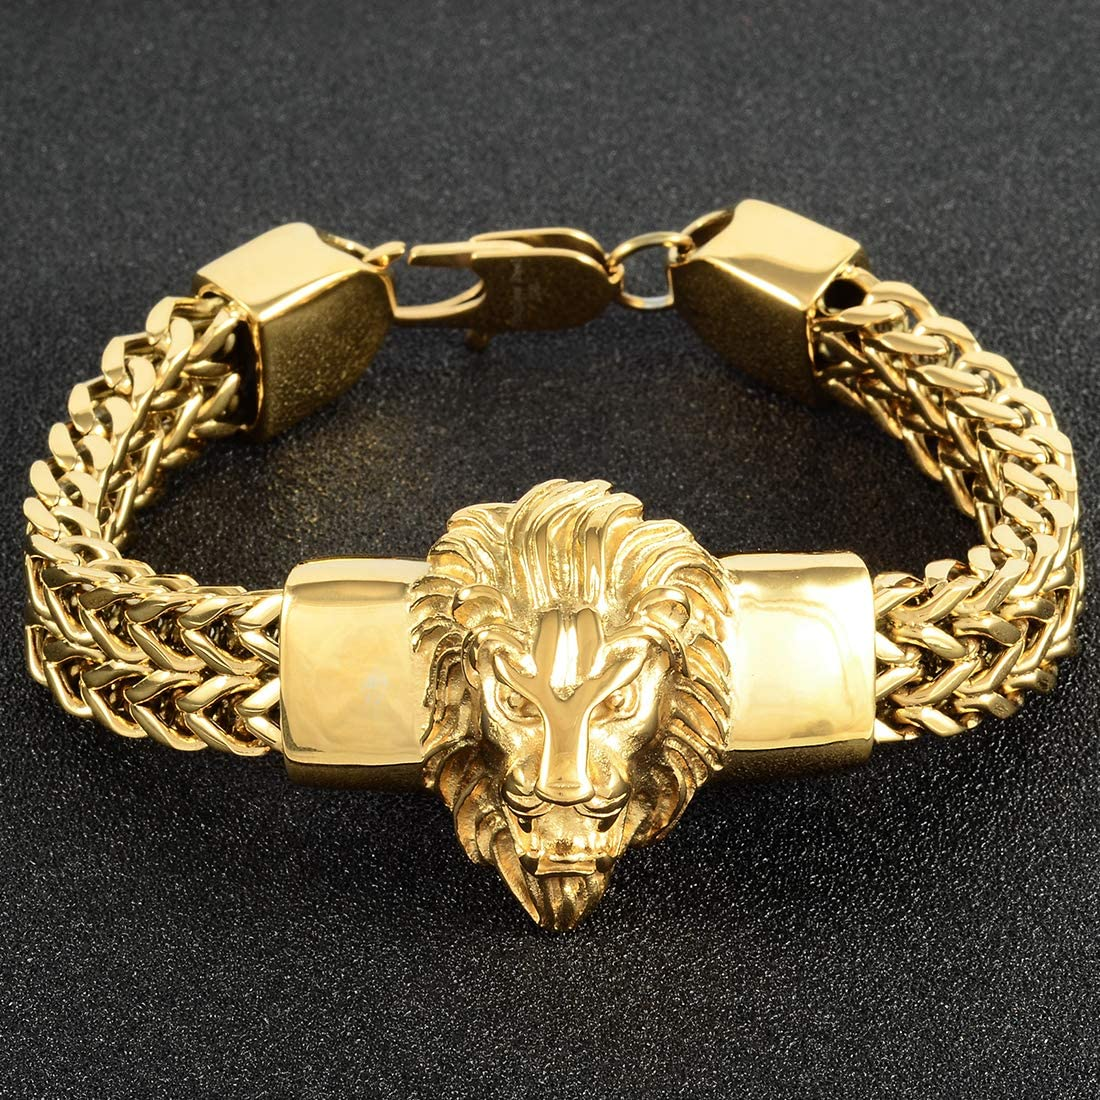 W//W Lifetime Mens Bracelet Stainless Steel Heavy 12mm Double Franco Chain Lion Head Bracelet Jewelry Men Biker